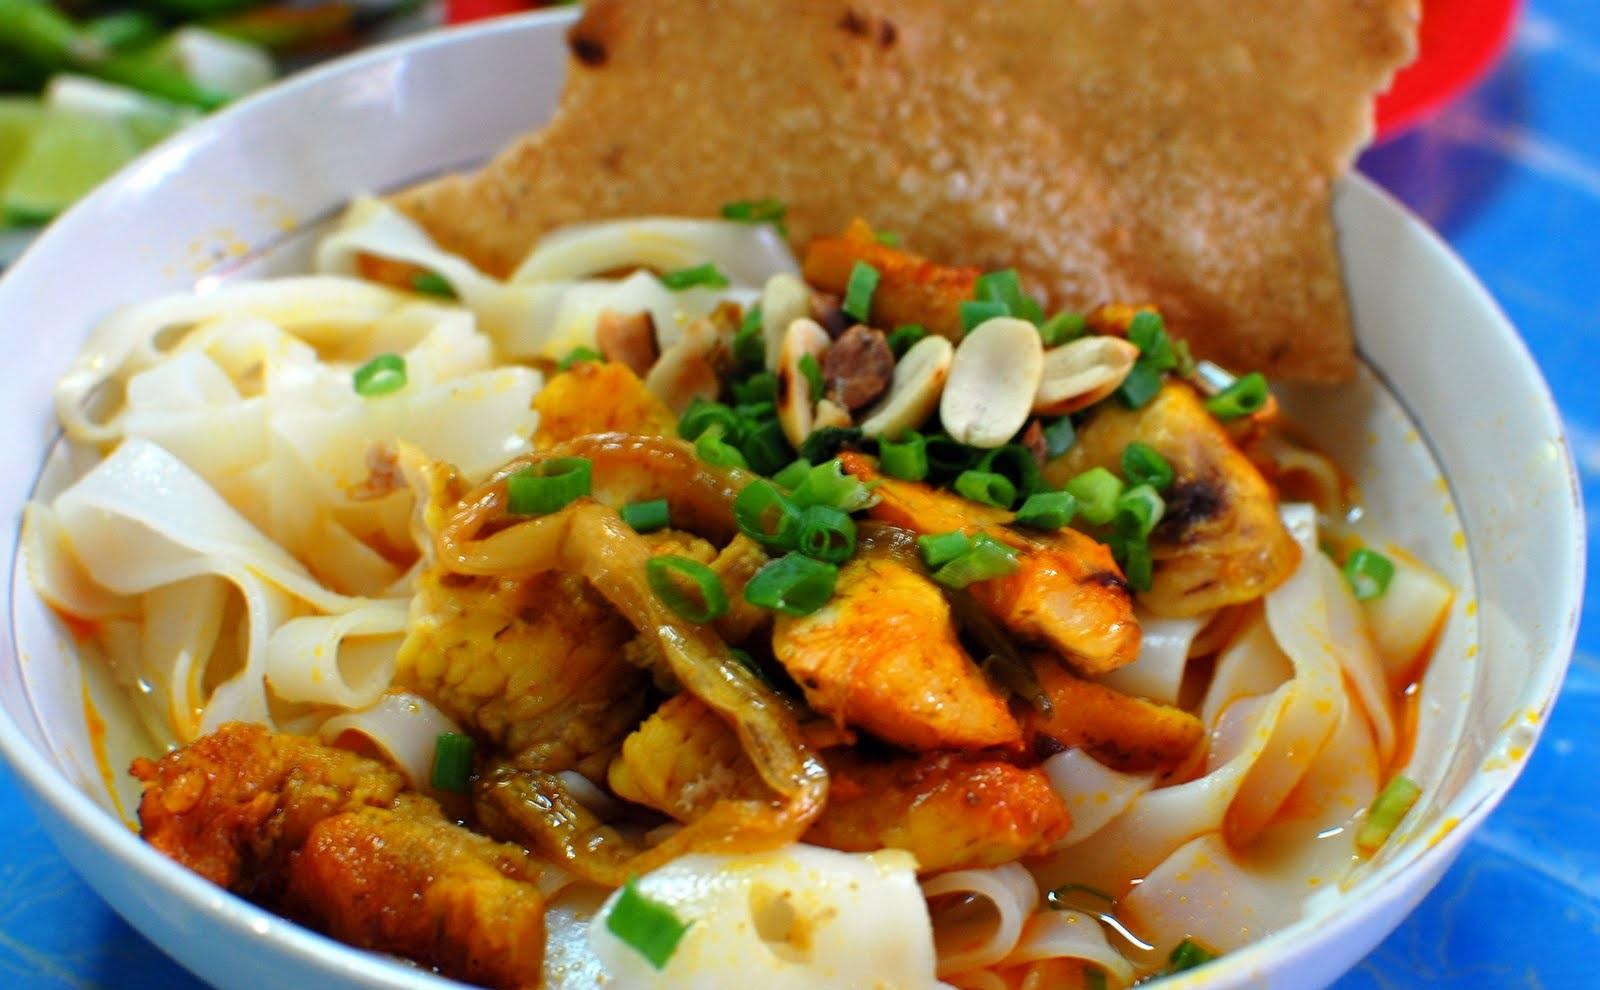 Món ăn hấp dẫn bếp từ cao cấp sunhouse ahd6862